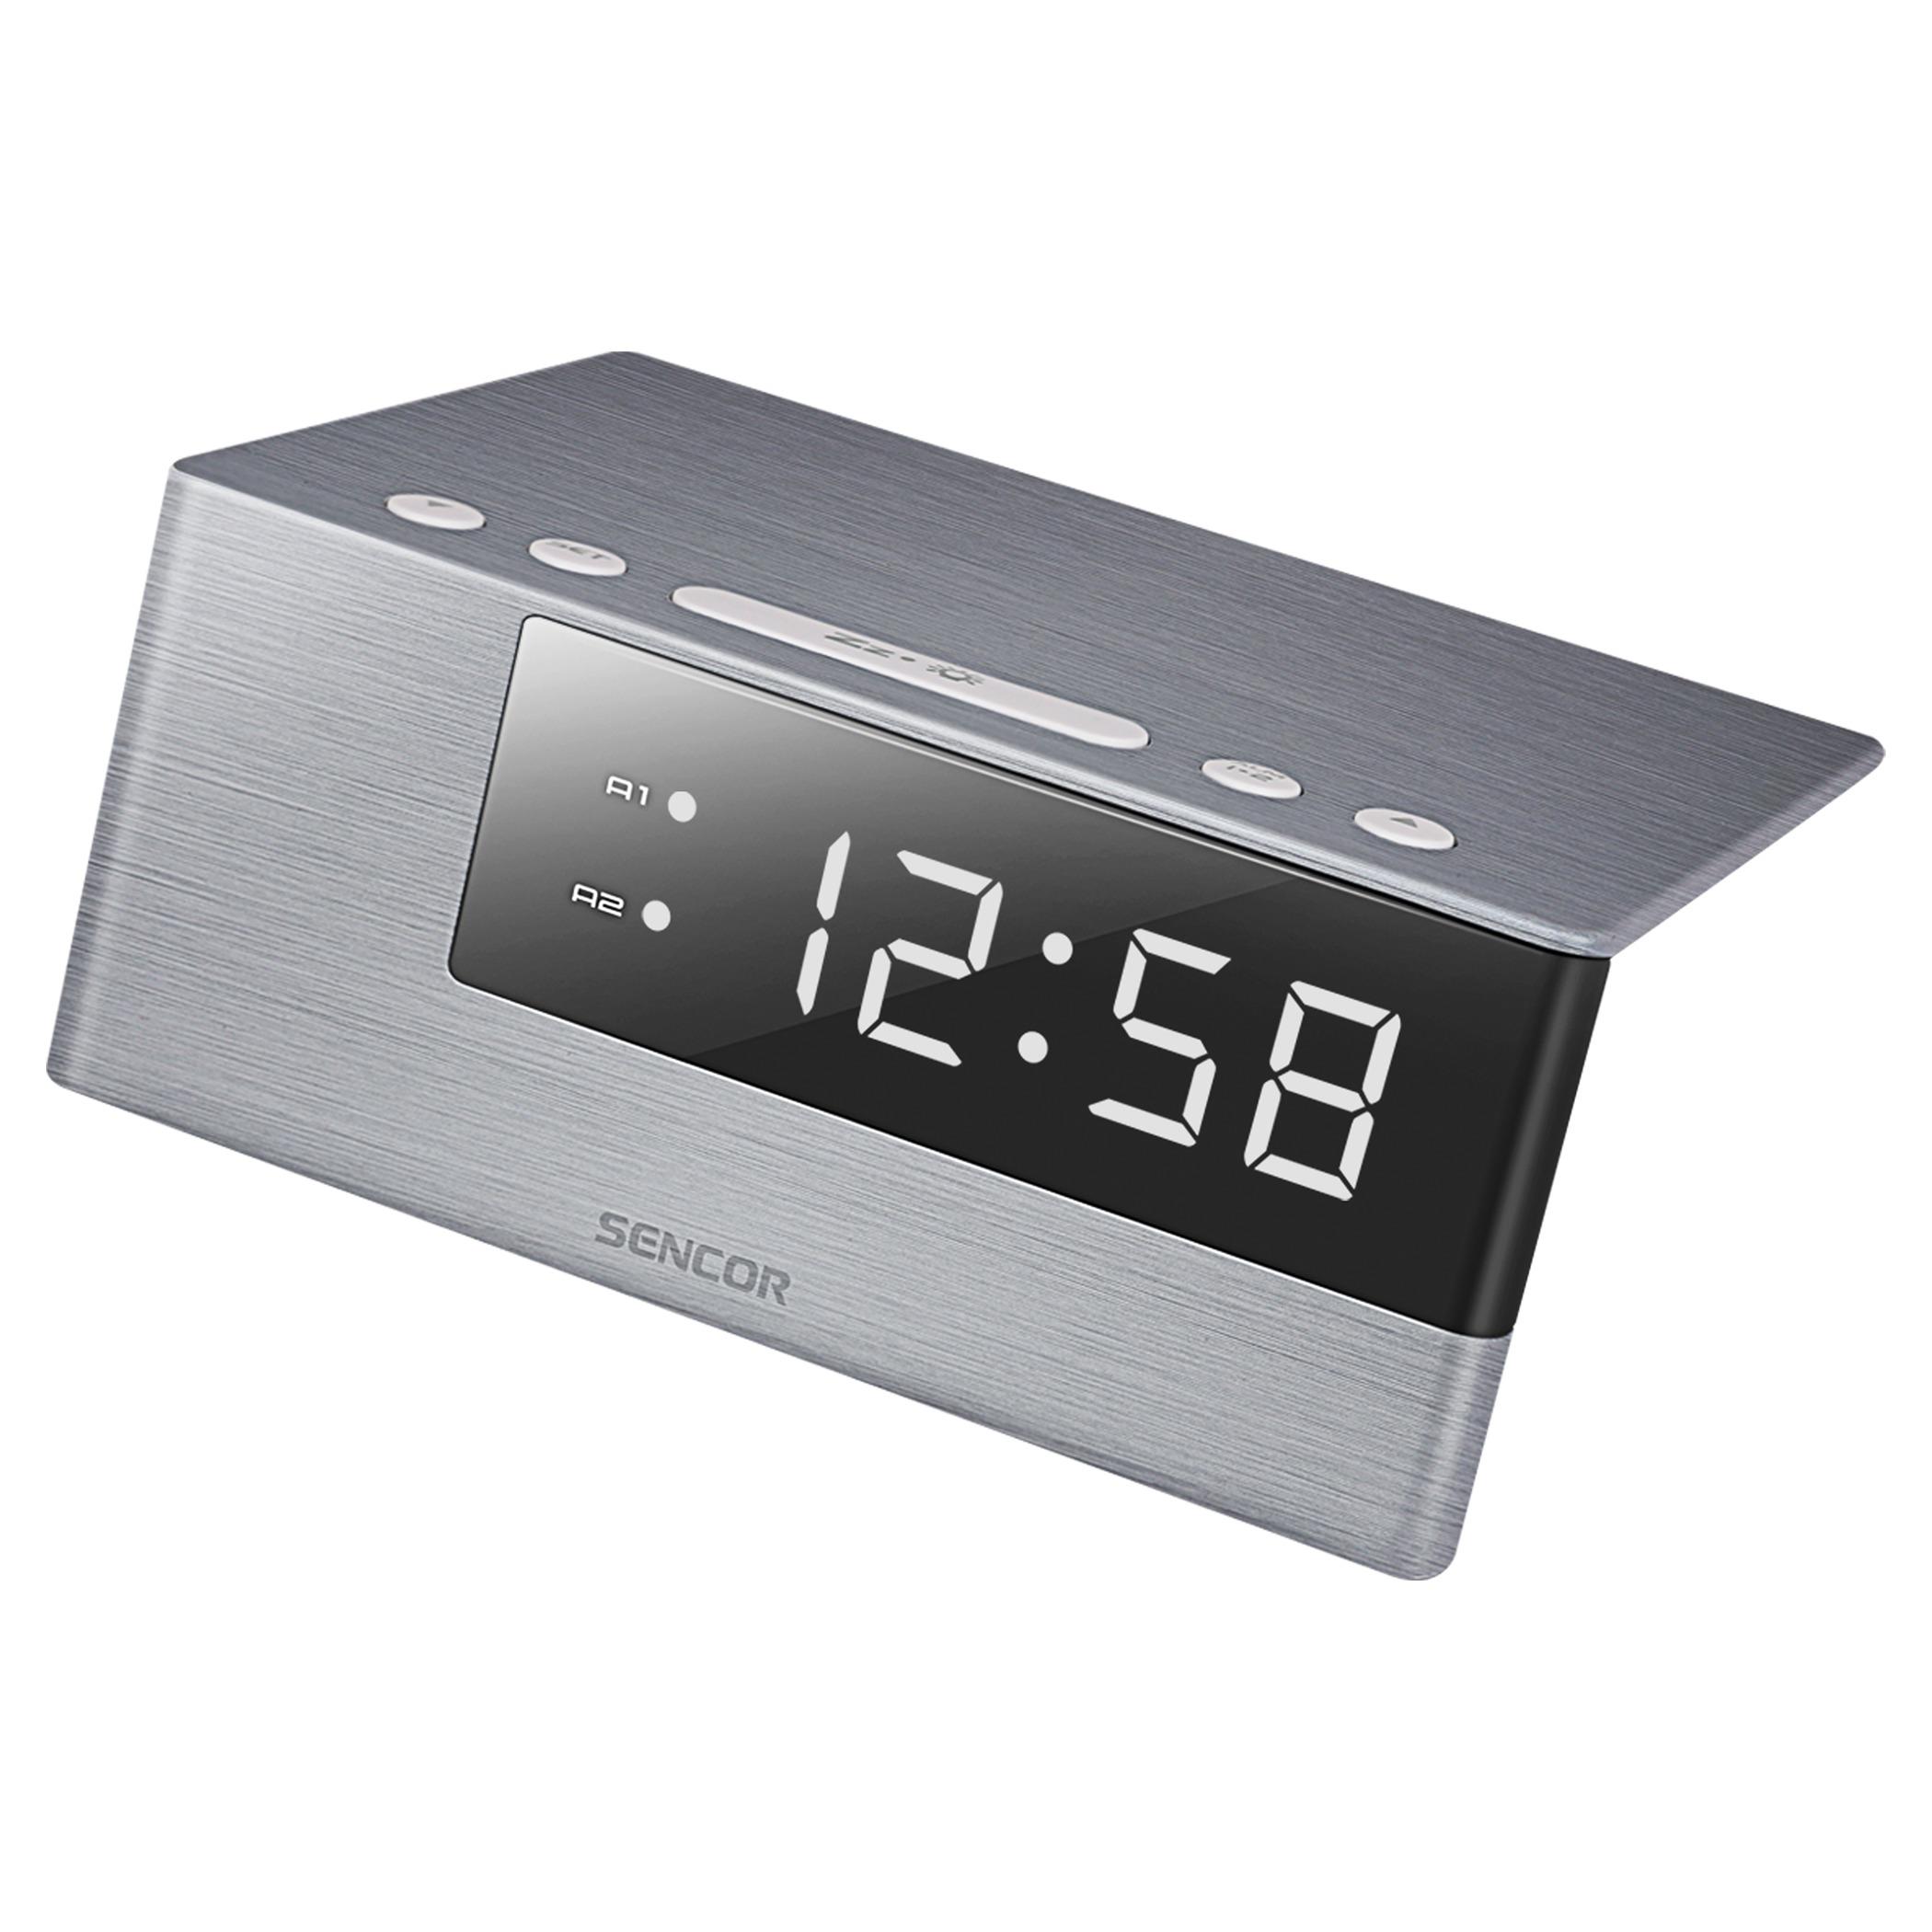 Korting Sencor SDC 4600 wekker radio